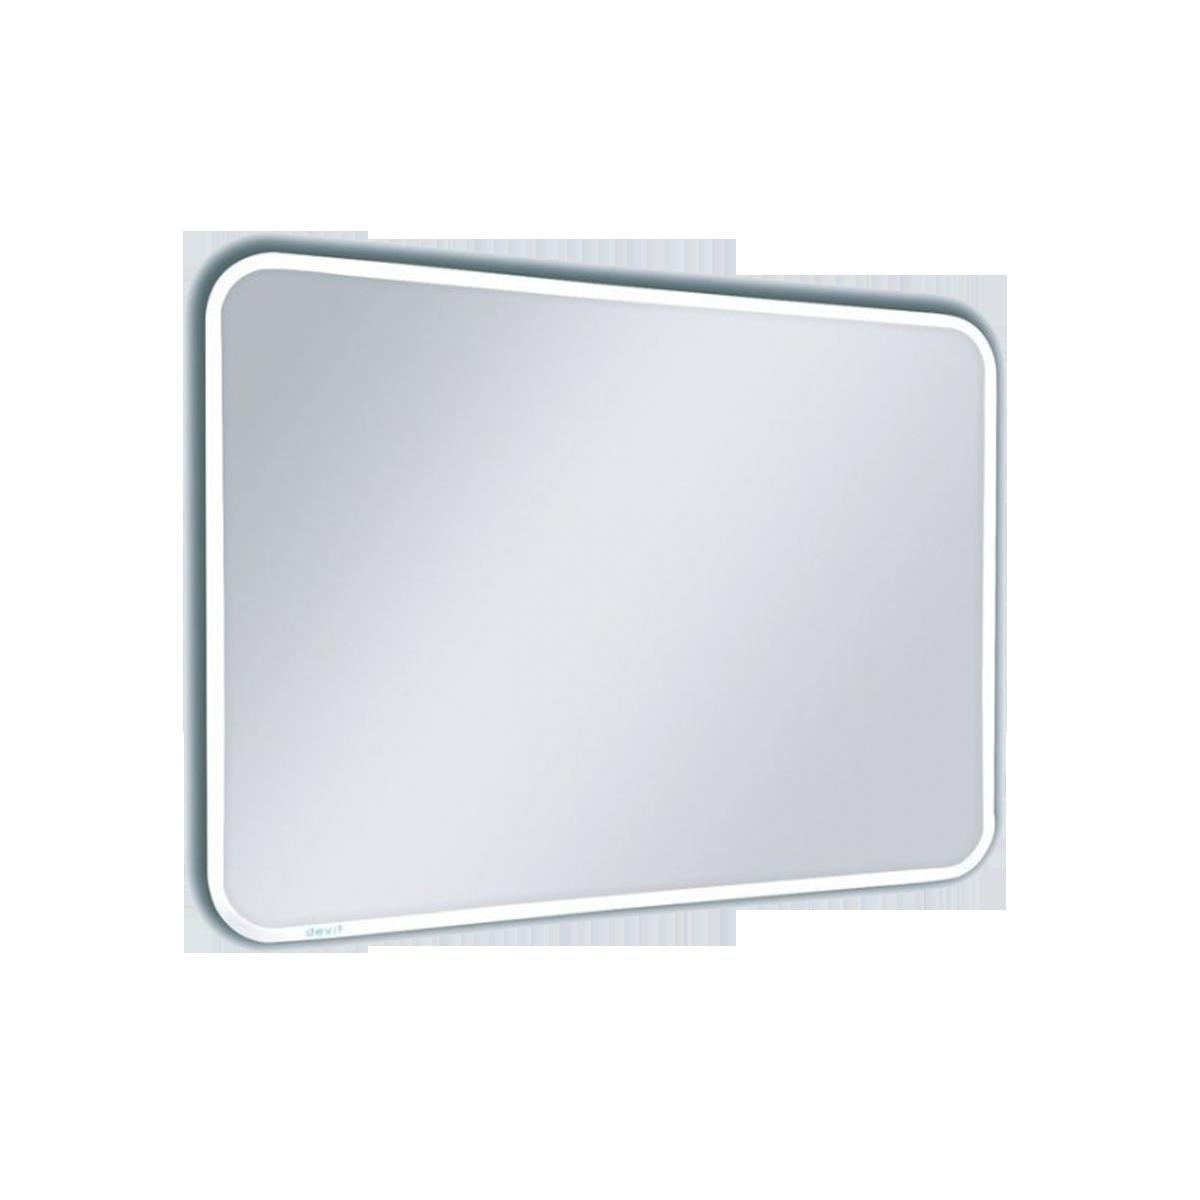 DEVIT Soul 5022149 Зеркало 800х600, закругл., LED, сенсор движения, подогрев